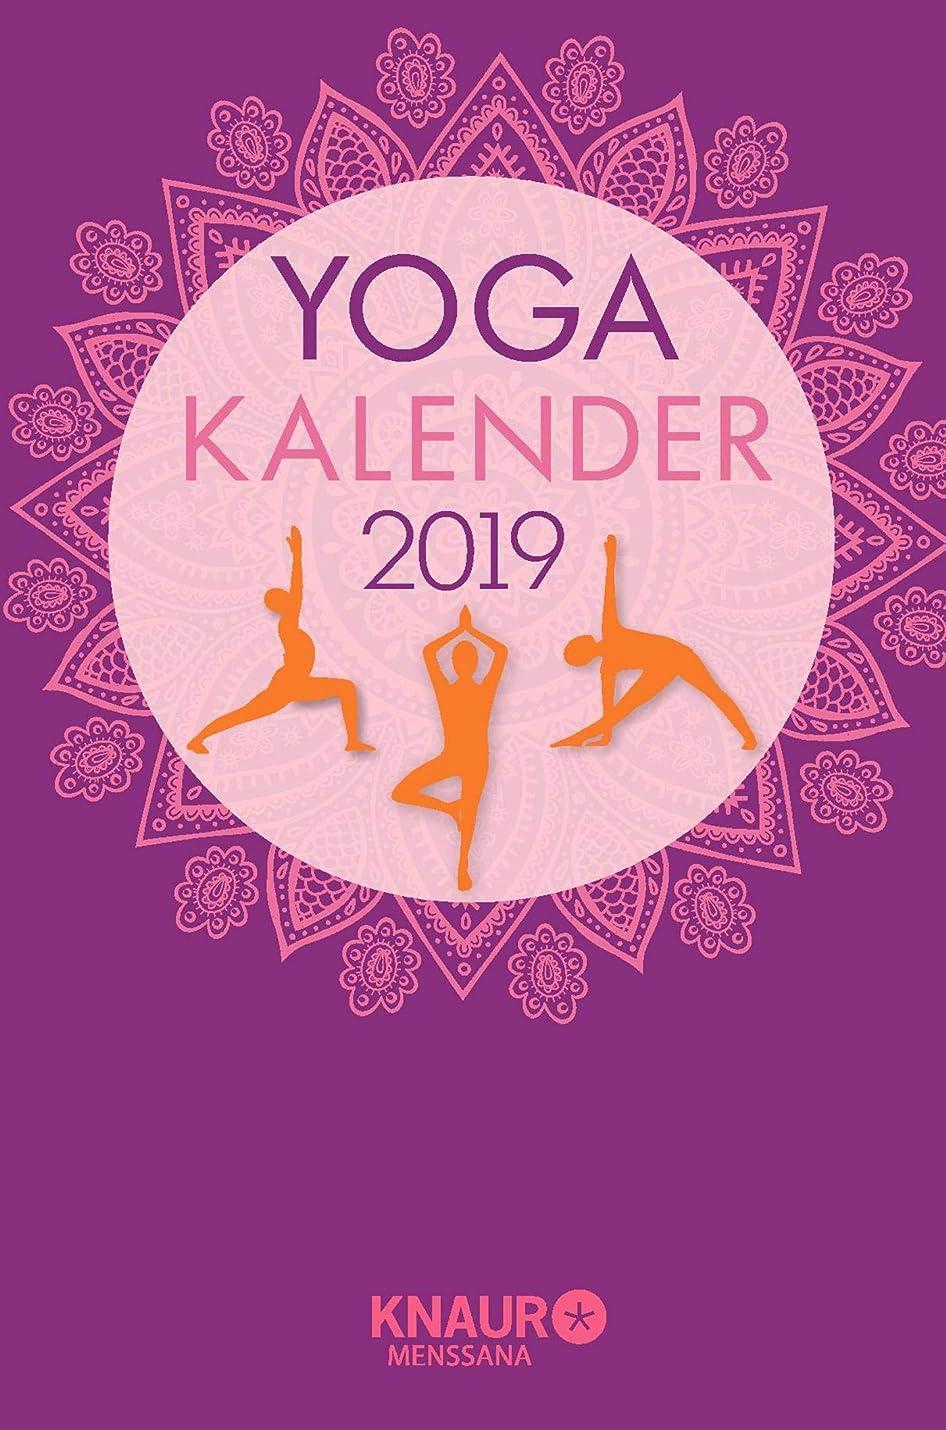 提唱するミシン目甘やかすYoga-Kalender 2019: Tageskalender, m. Yoga-Uebungen fuer jeden Tag & zahlreichen Zitaten als Wochenimpulse